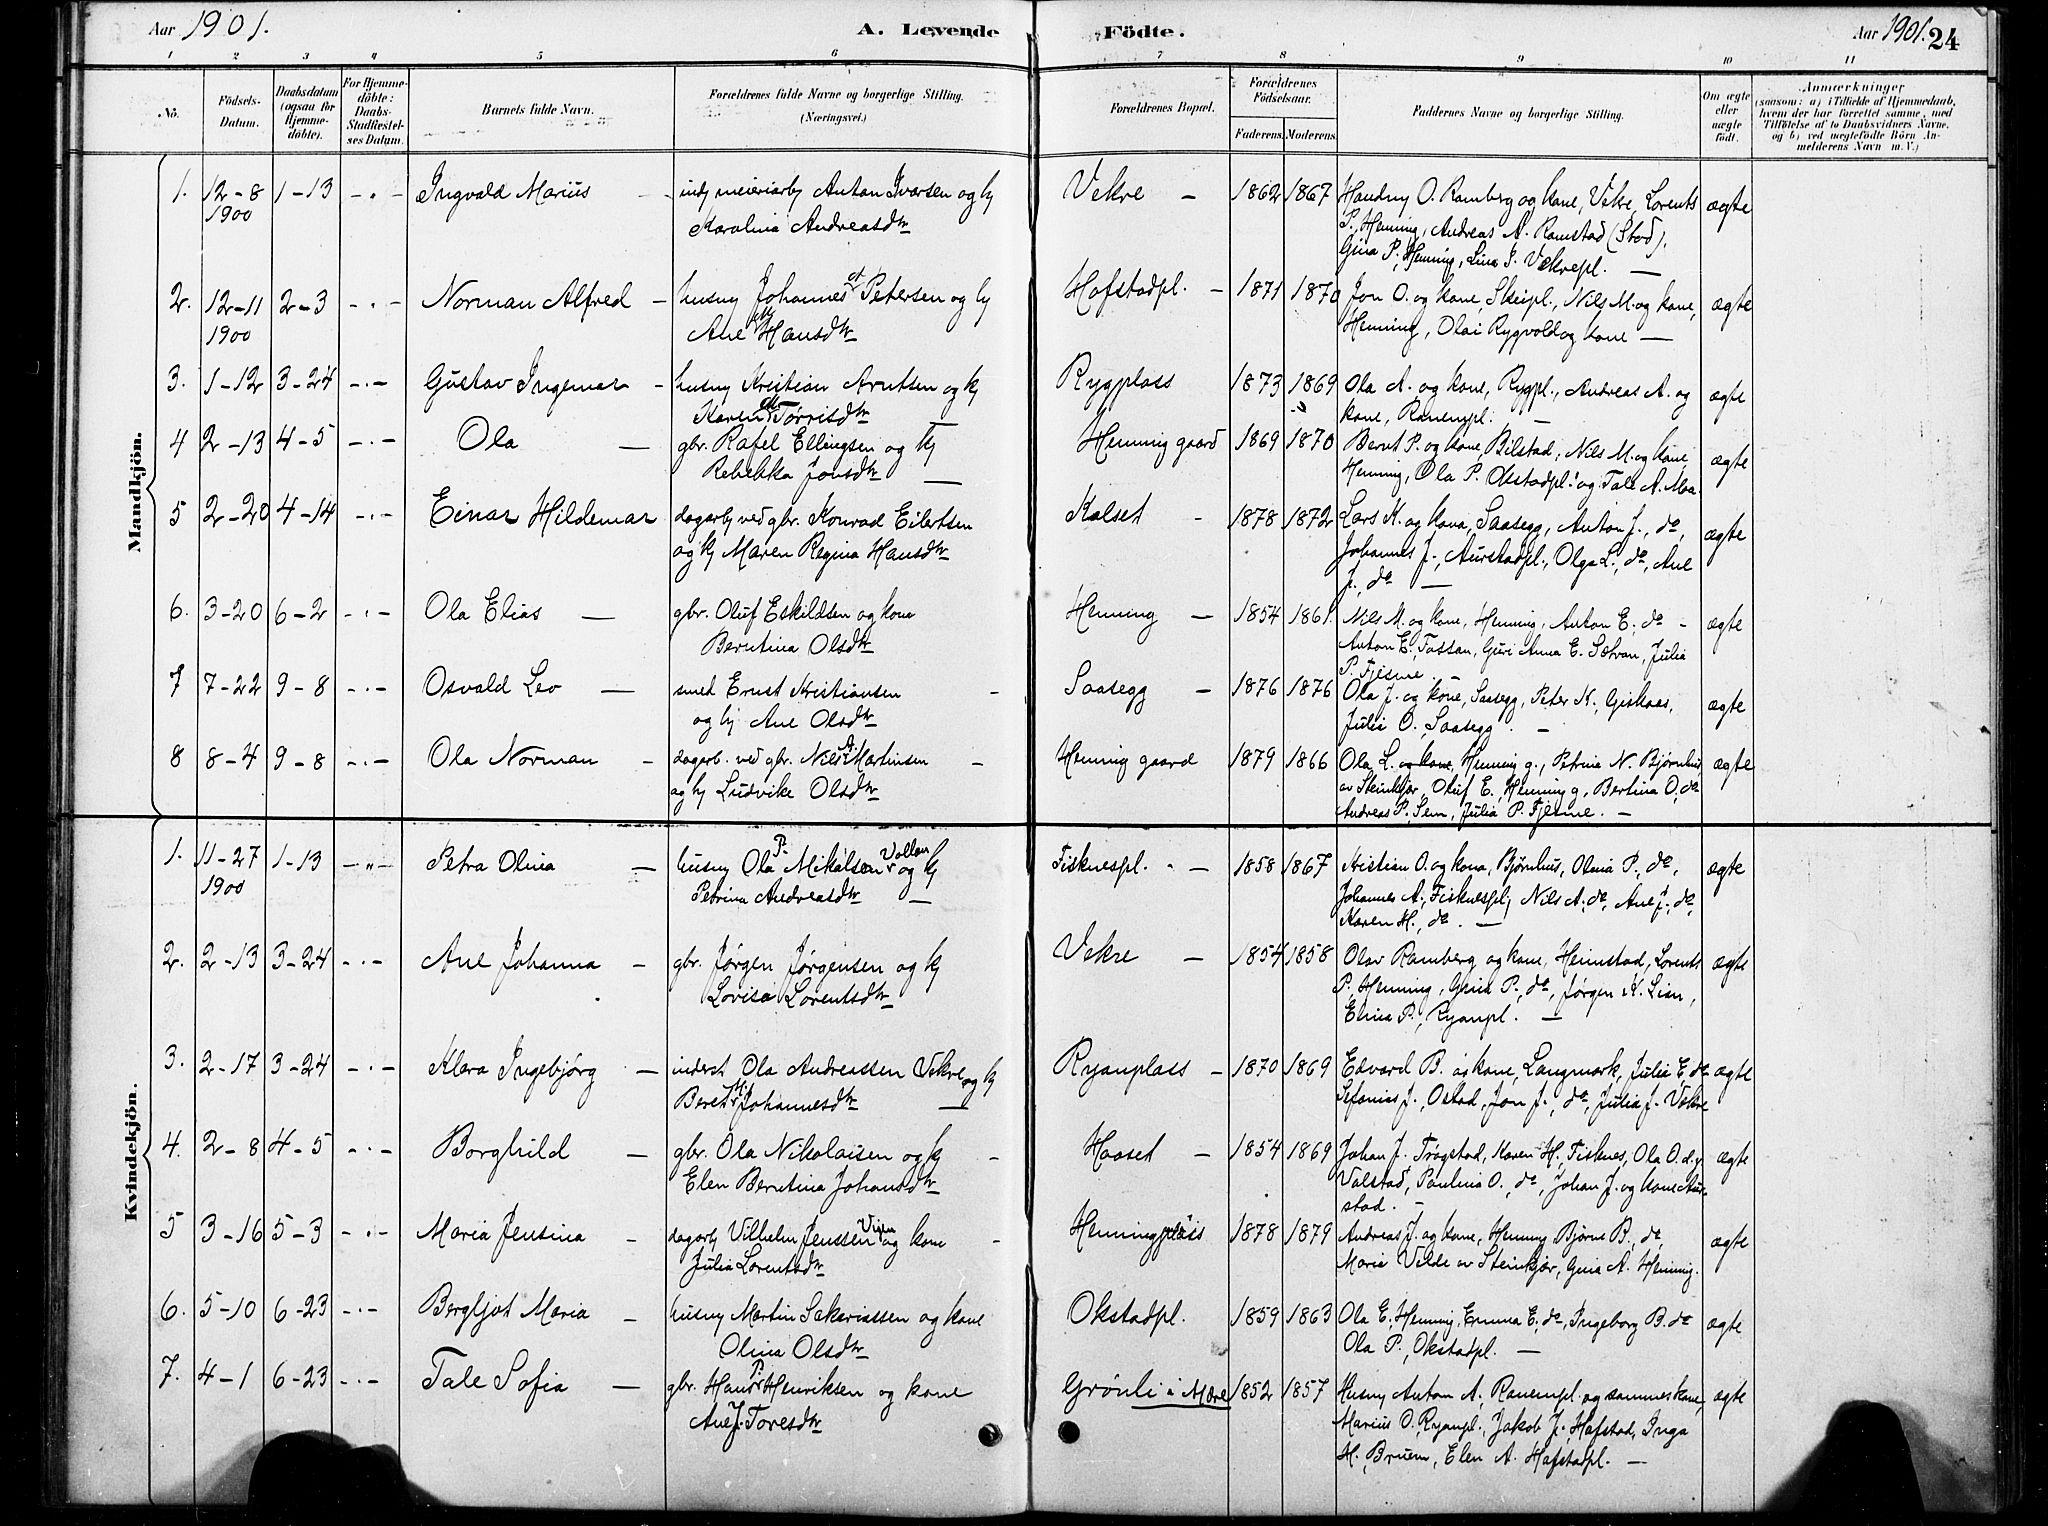 SAT, Ministerialprotokoller, klokkerbøker og fødselsregistre - Nord-Trøndelag, 738/L0364: Ministerialbok nr. 738A01, 1884-1902, s. 24